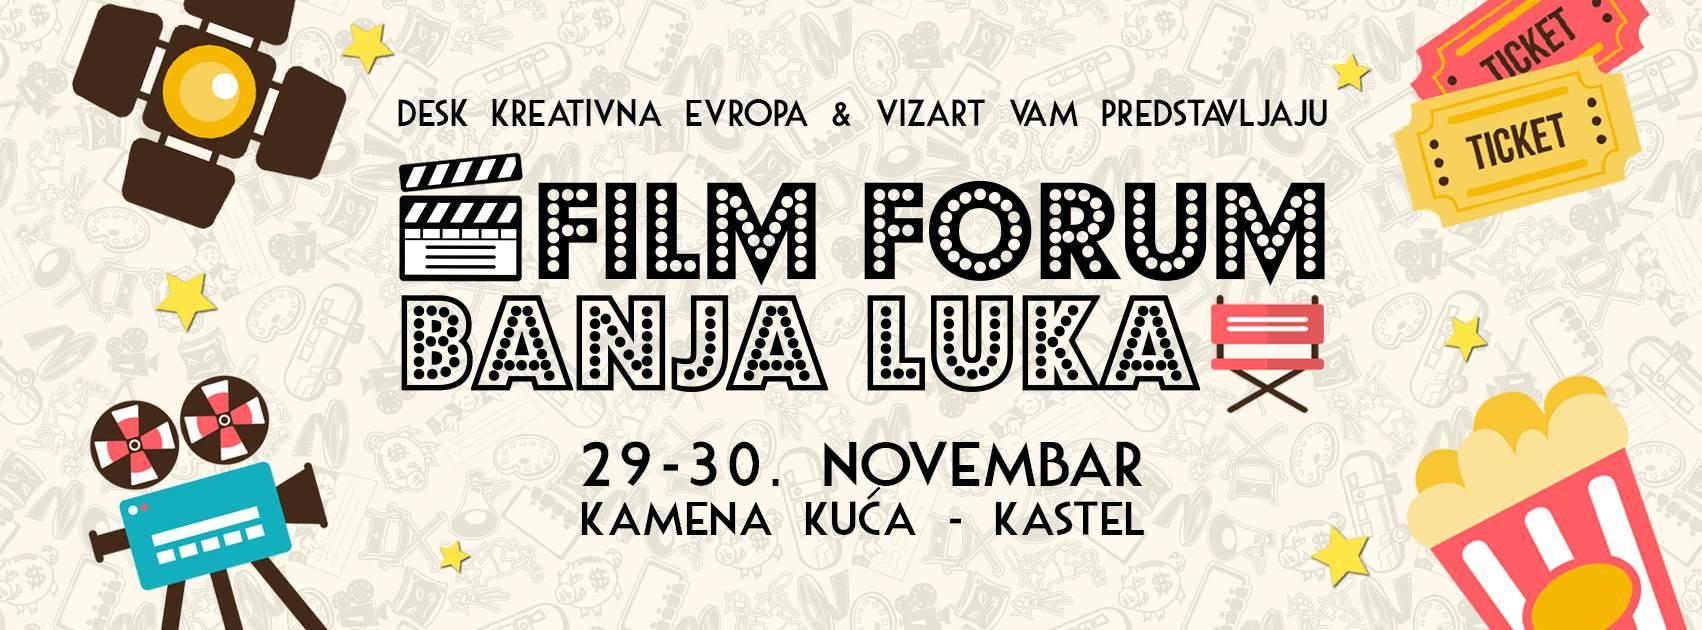 Film forum banja luka